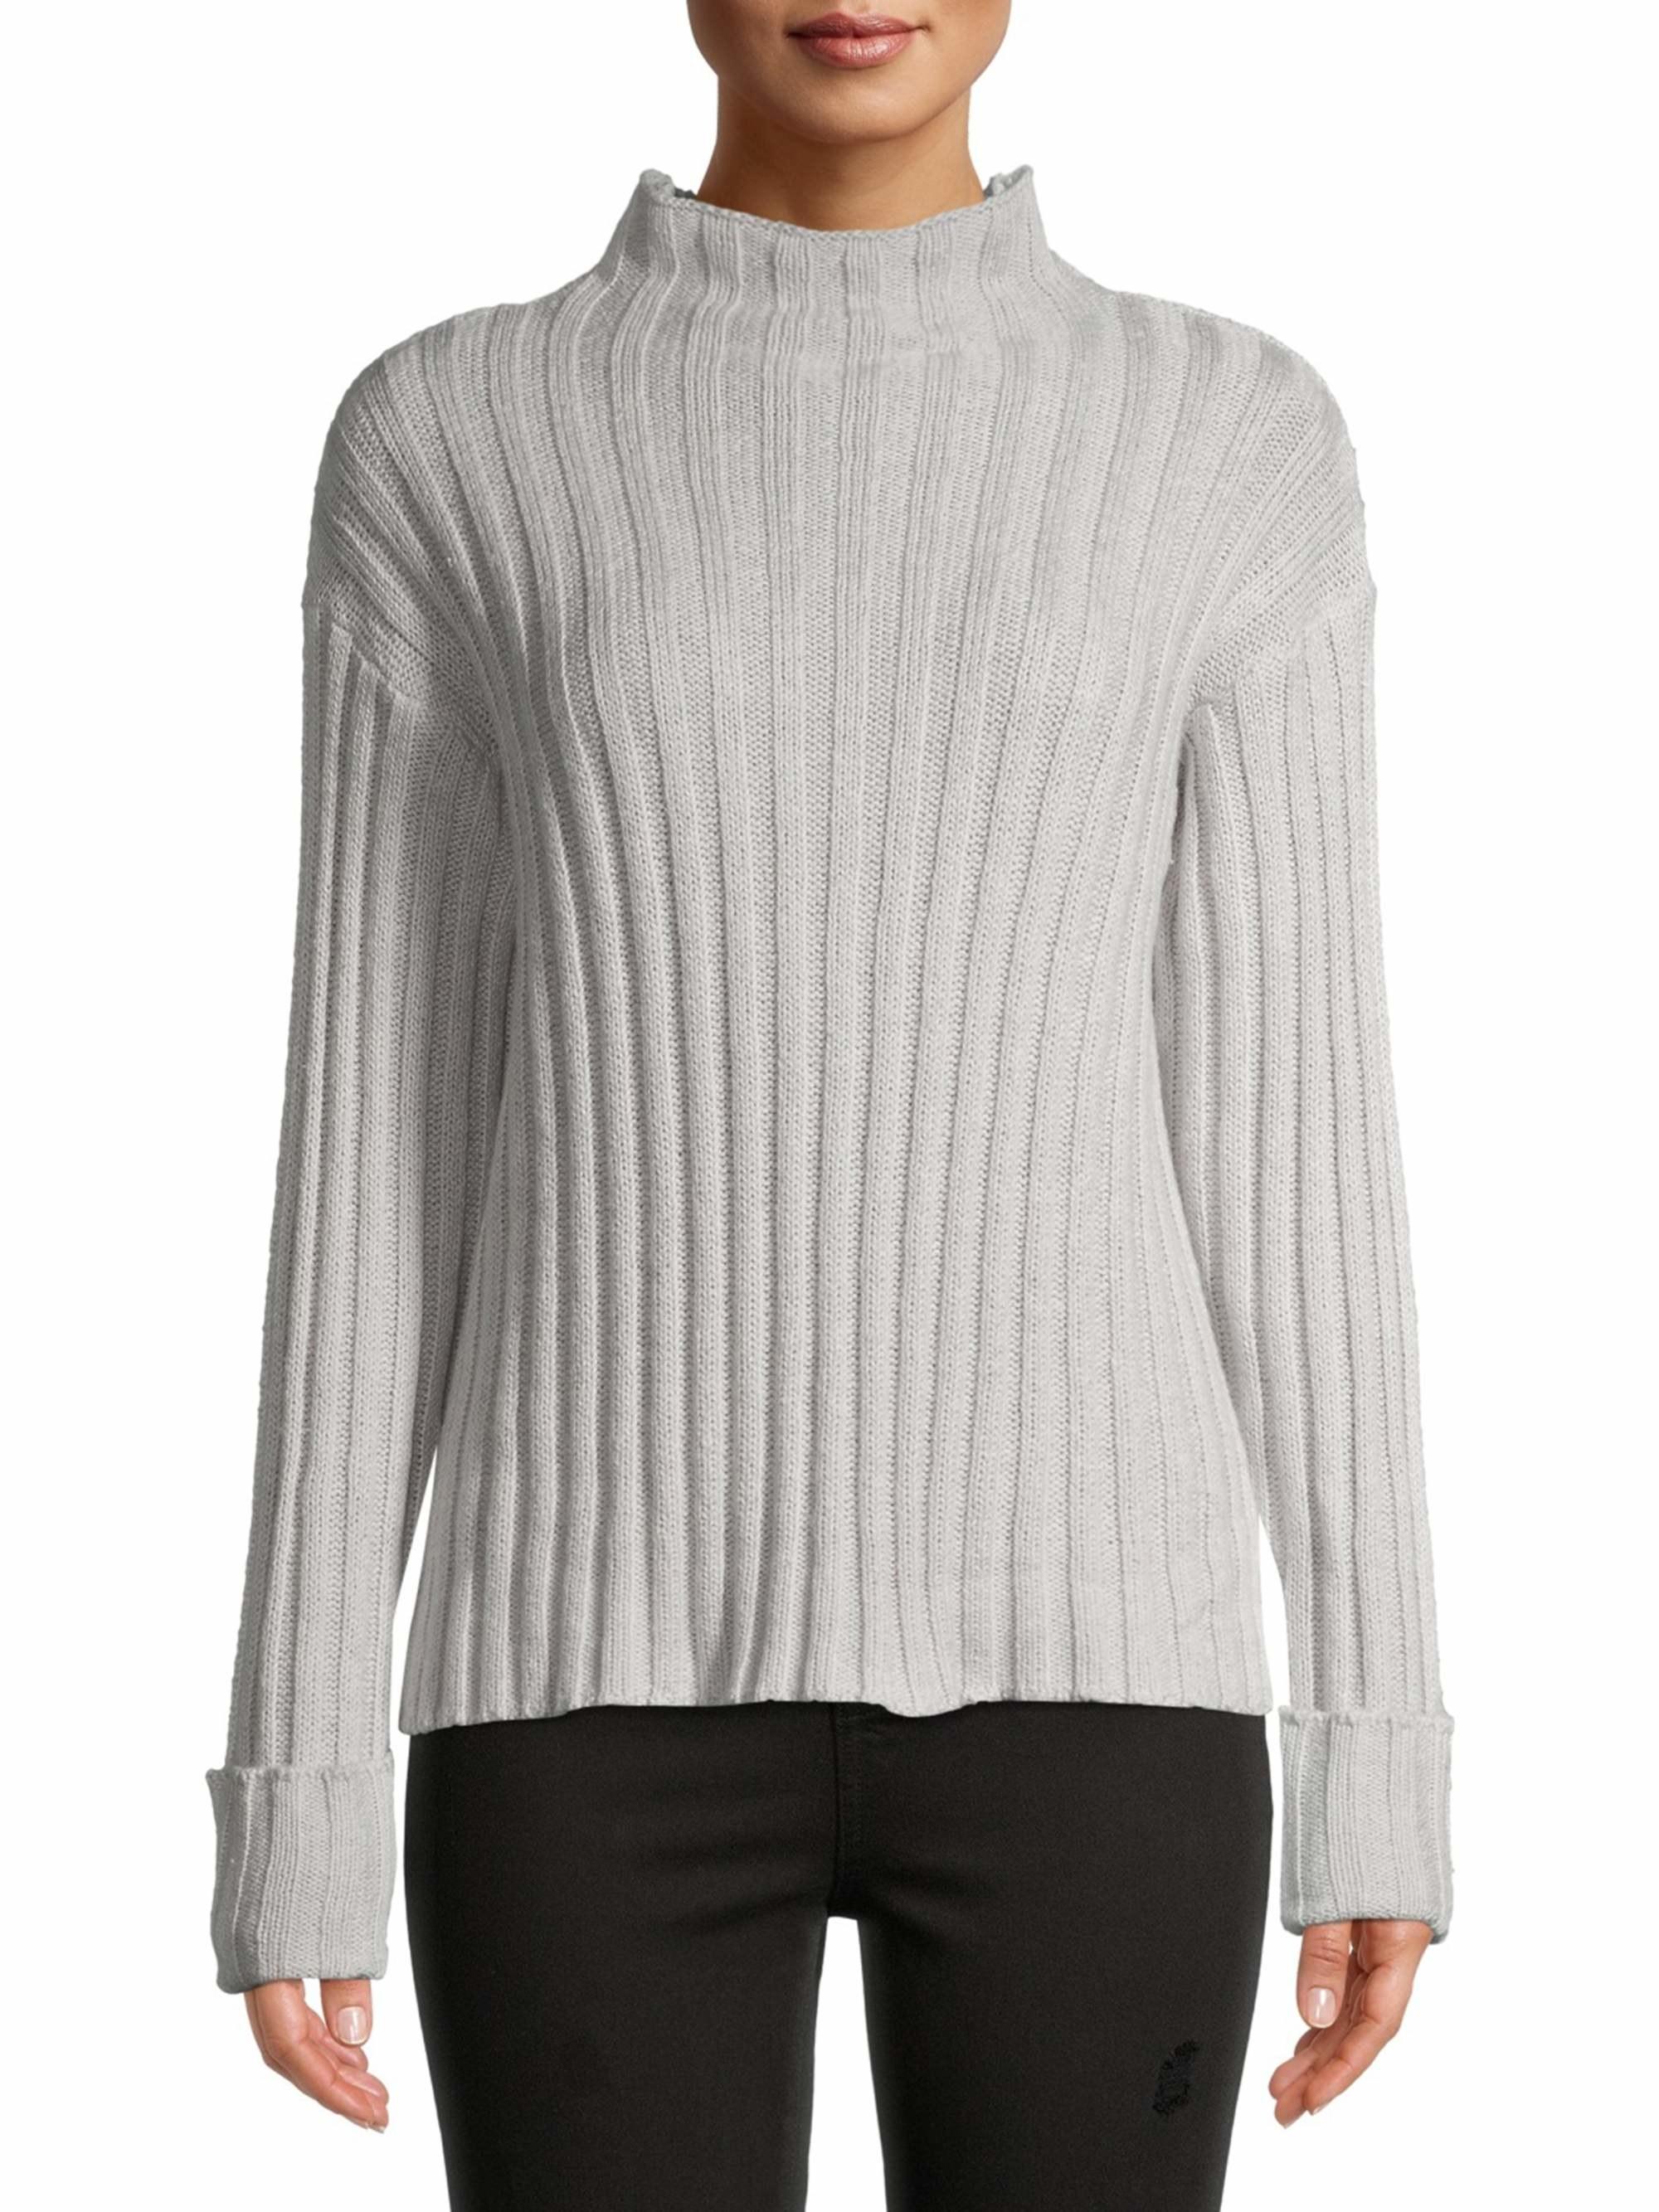 Model wearing a grey mock-neck sweater